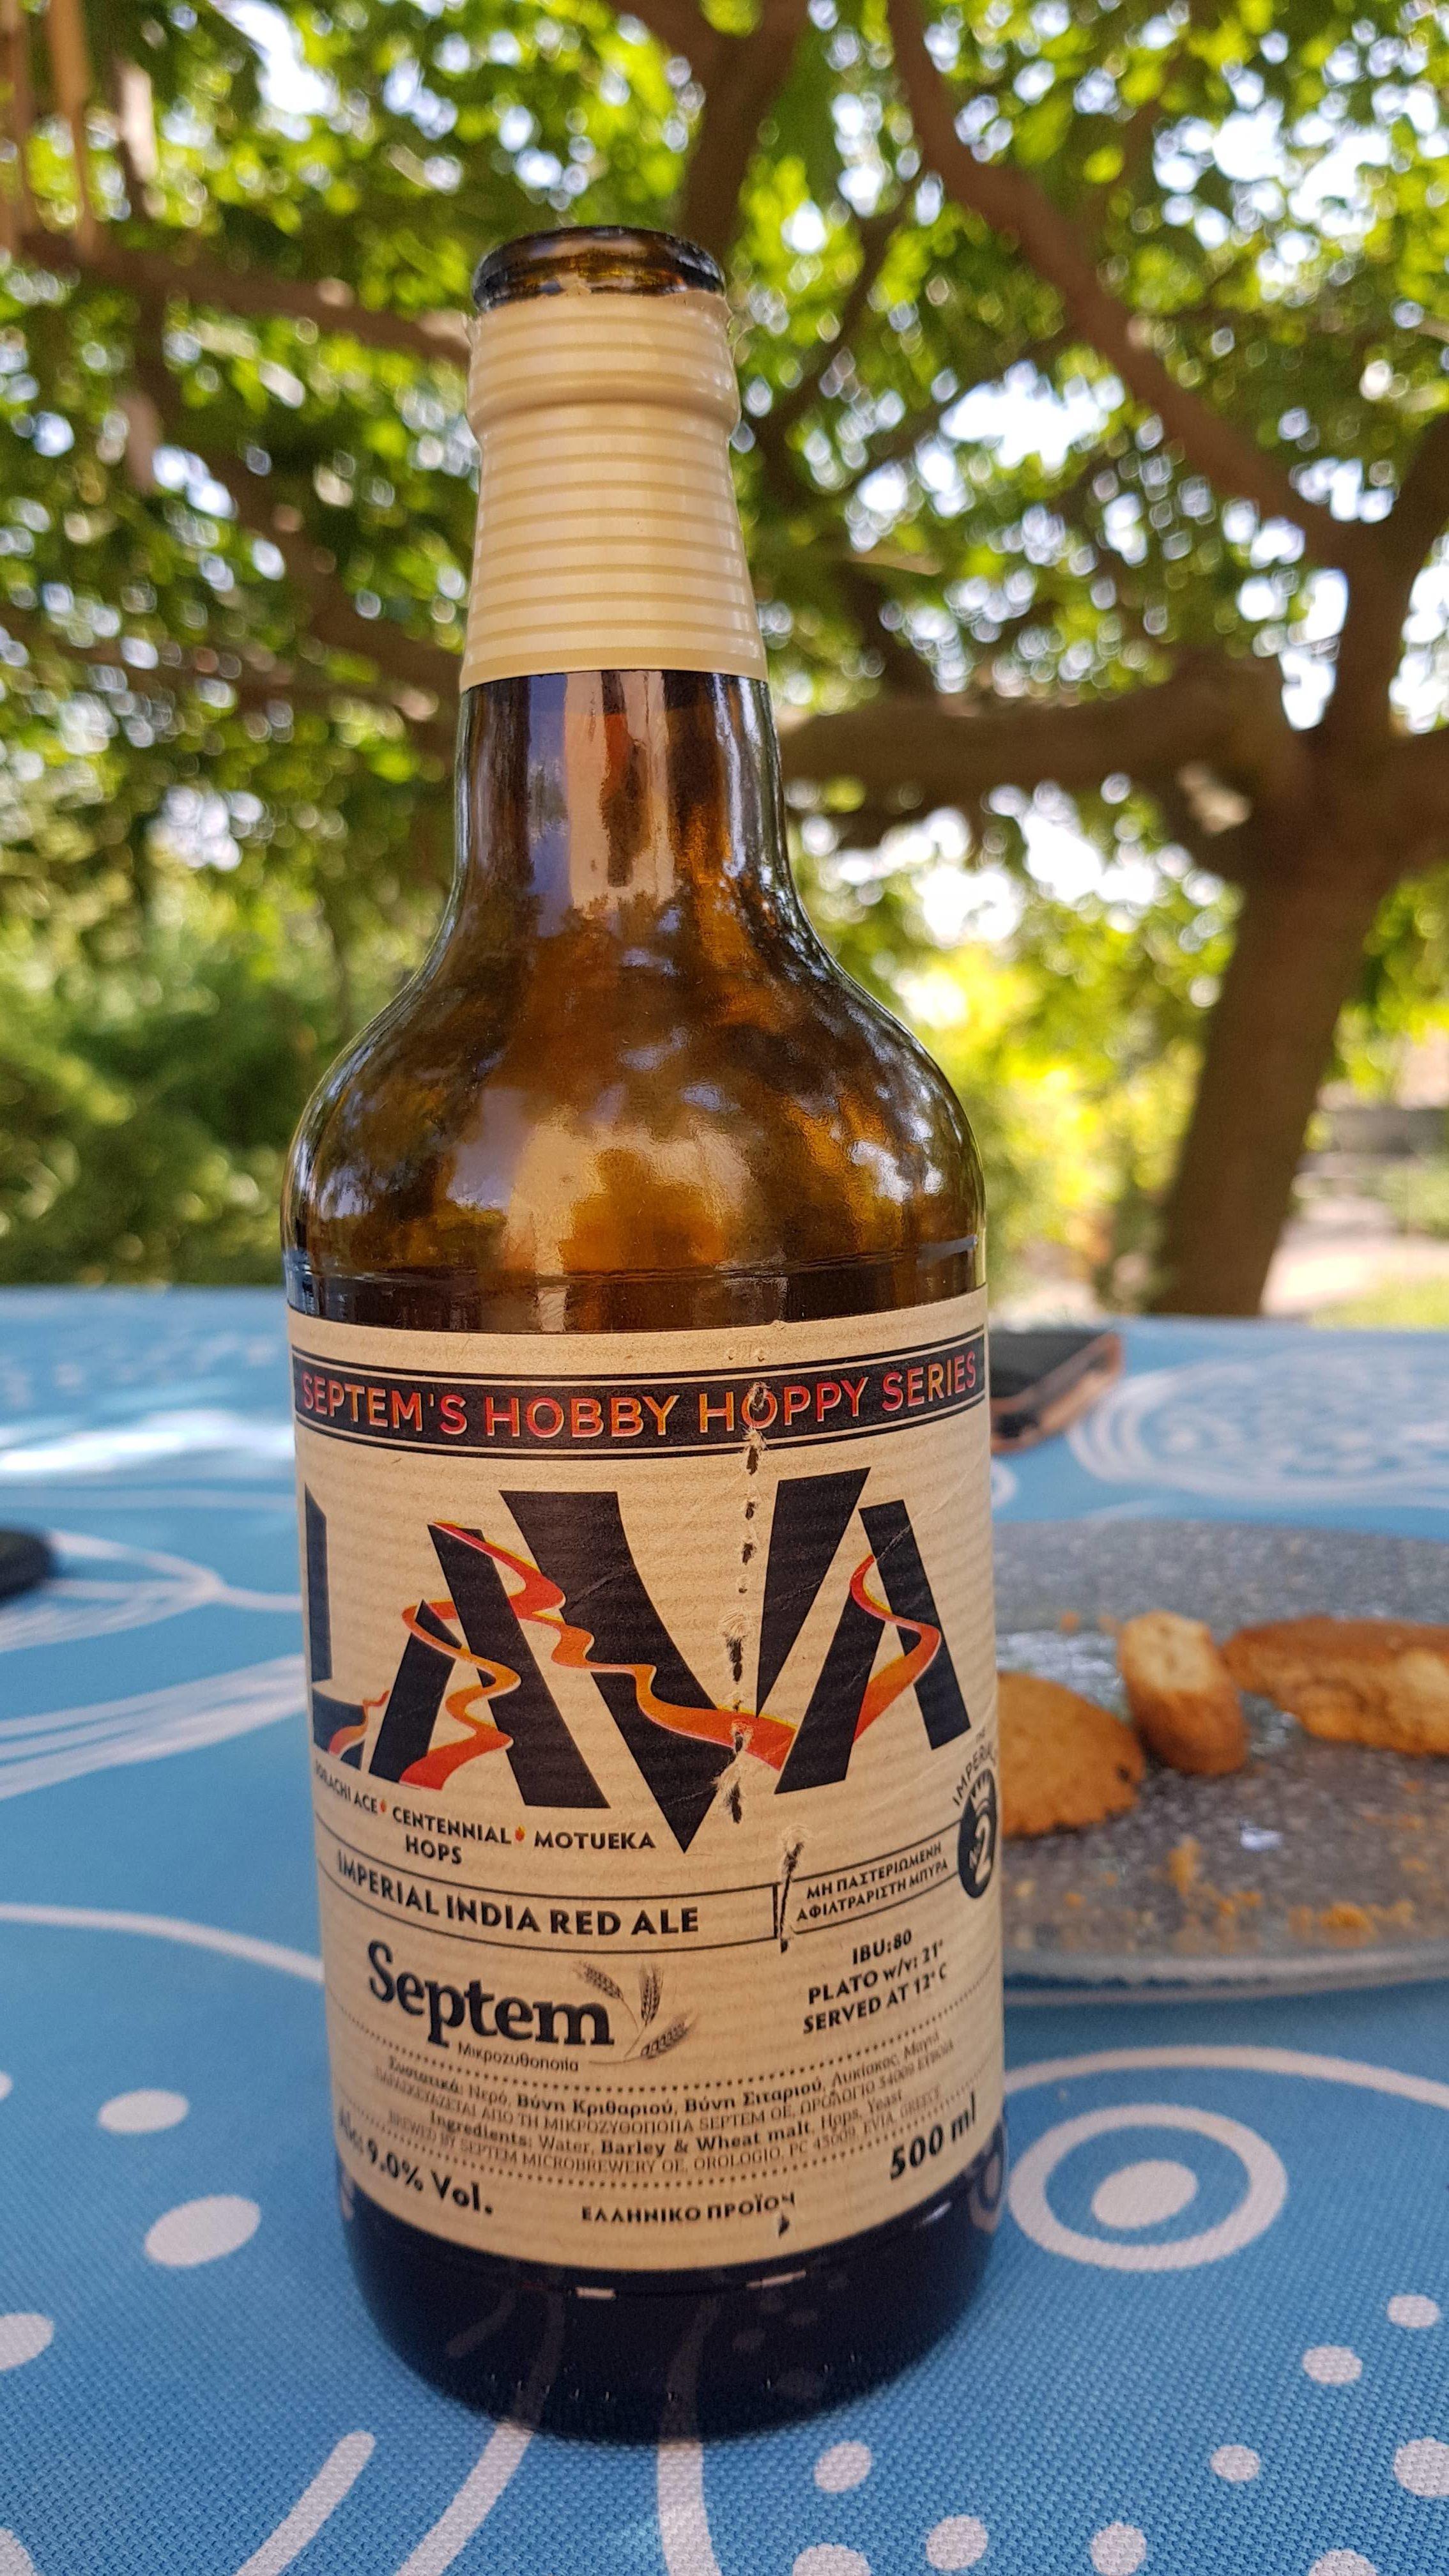 """Es gibt mittlerweile sogar ziemlich gutes Bier hier. Die kleine Privatbrauerei """"Septem"""" aus Orologio von der Insel Evia (Euböa, Ευβοια) hat sich auf """"Craft-Biere"""" spezialisiert. Zusammenstzung wie nach deutschem Reinheitsgebot. Dieses Erzeugnis ist ziemlich Dunkel, hat 9% Alk und ist stark gehopft."""